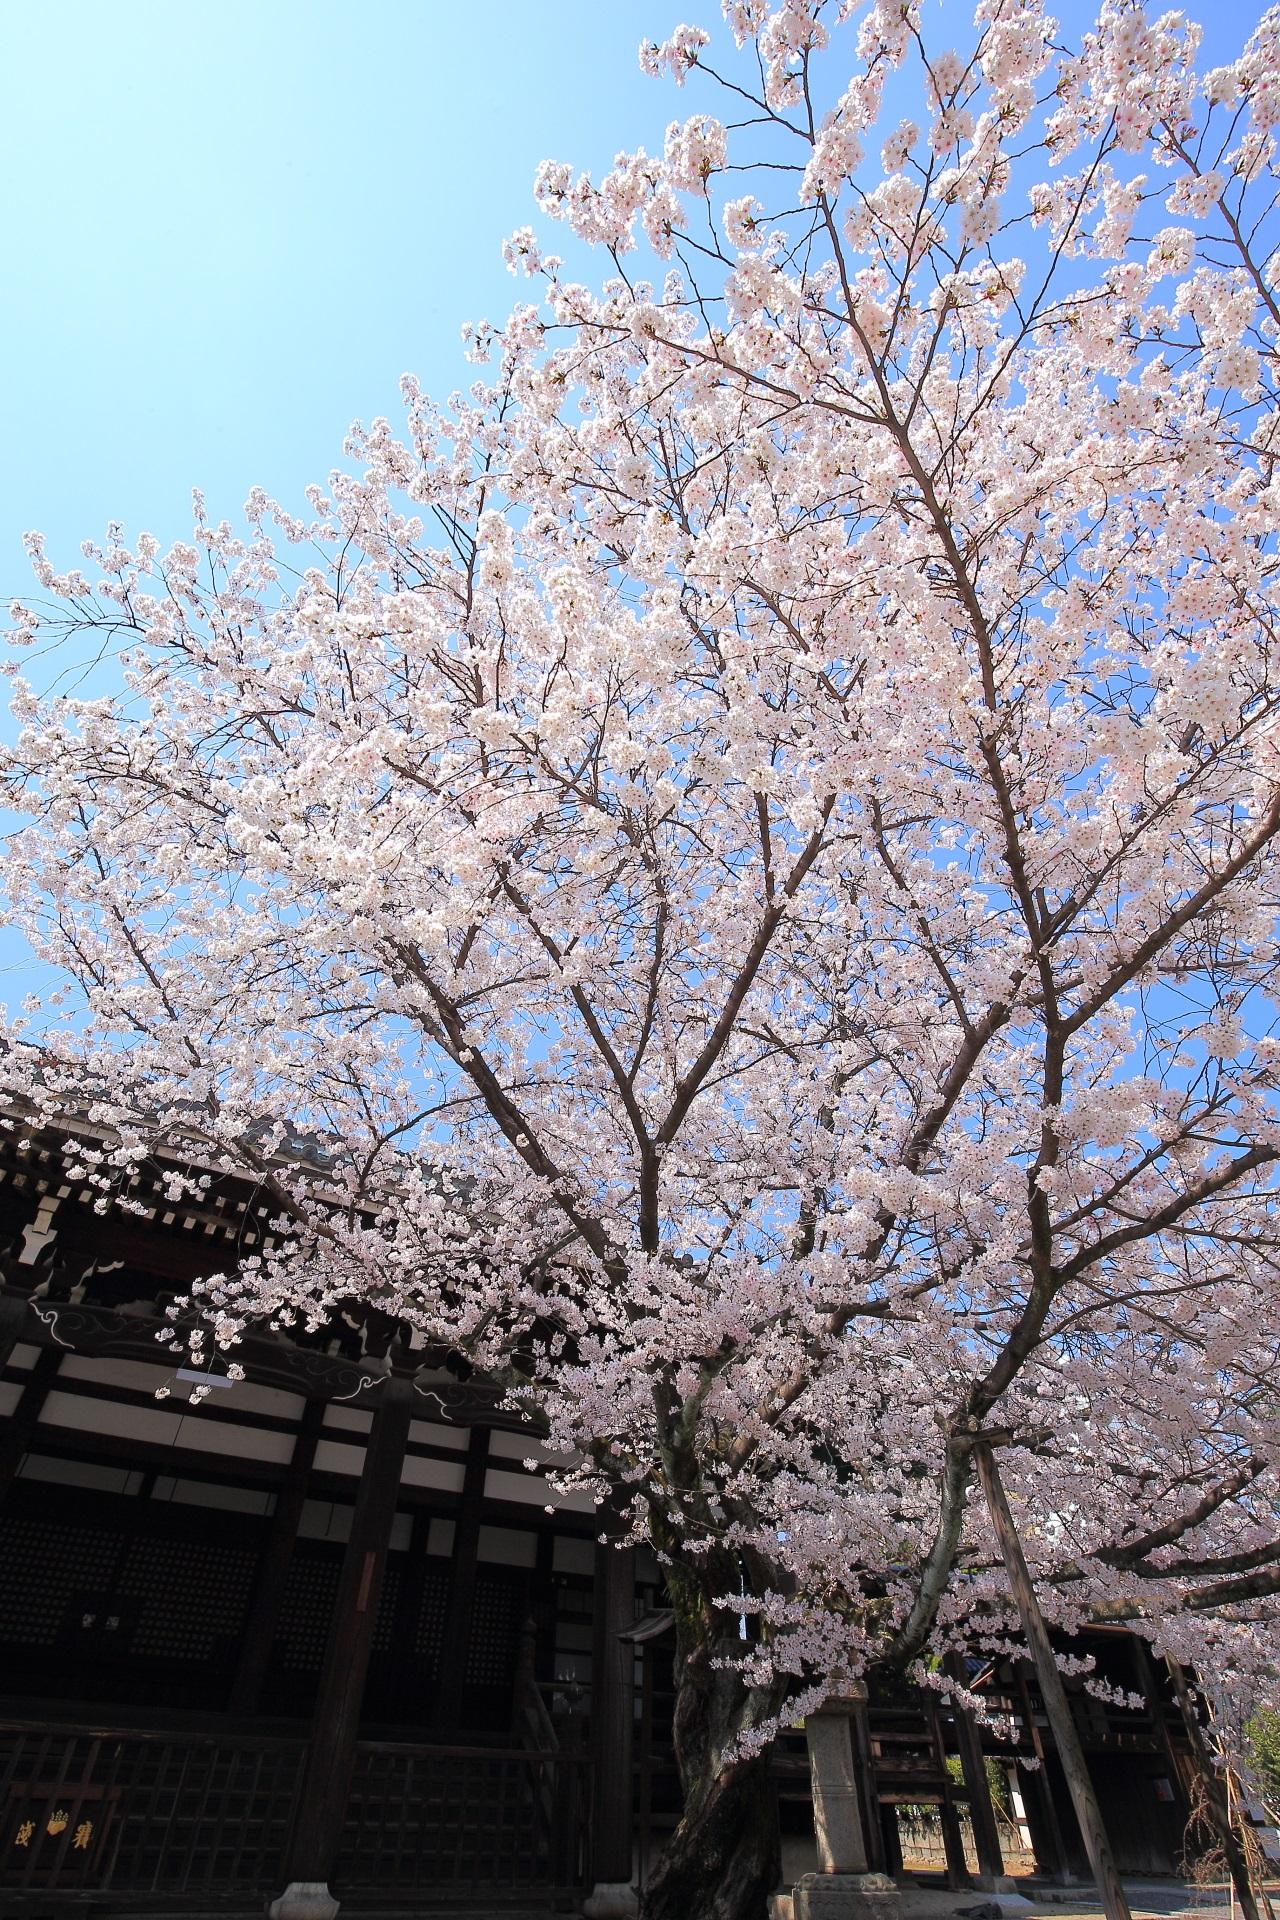 本法寺の枝を大きく伸ばす圧巻の桜